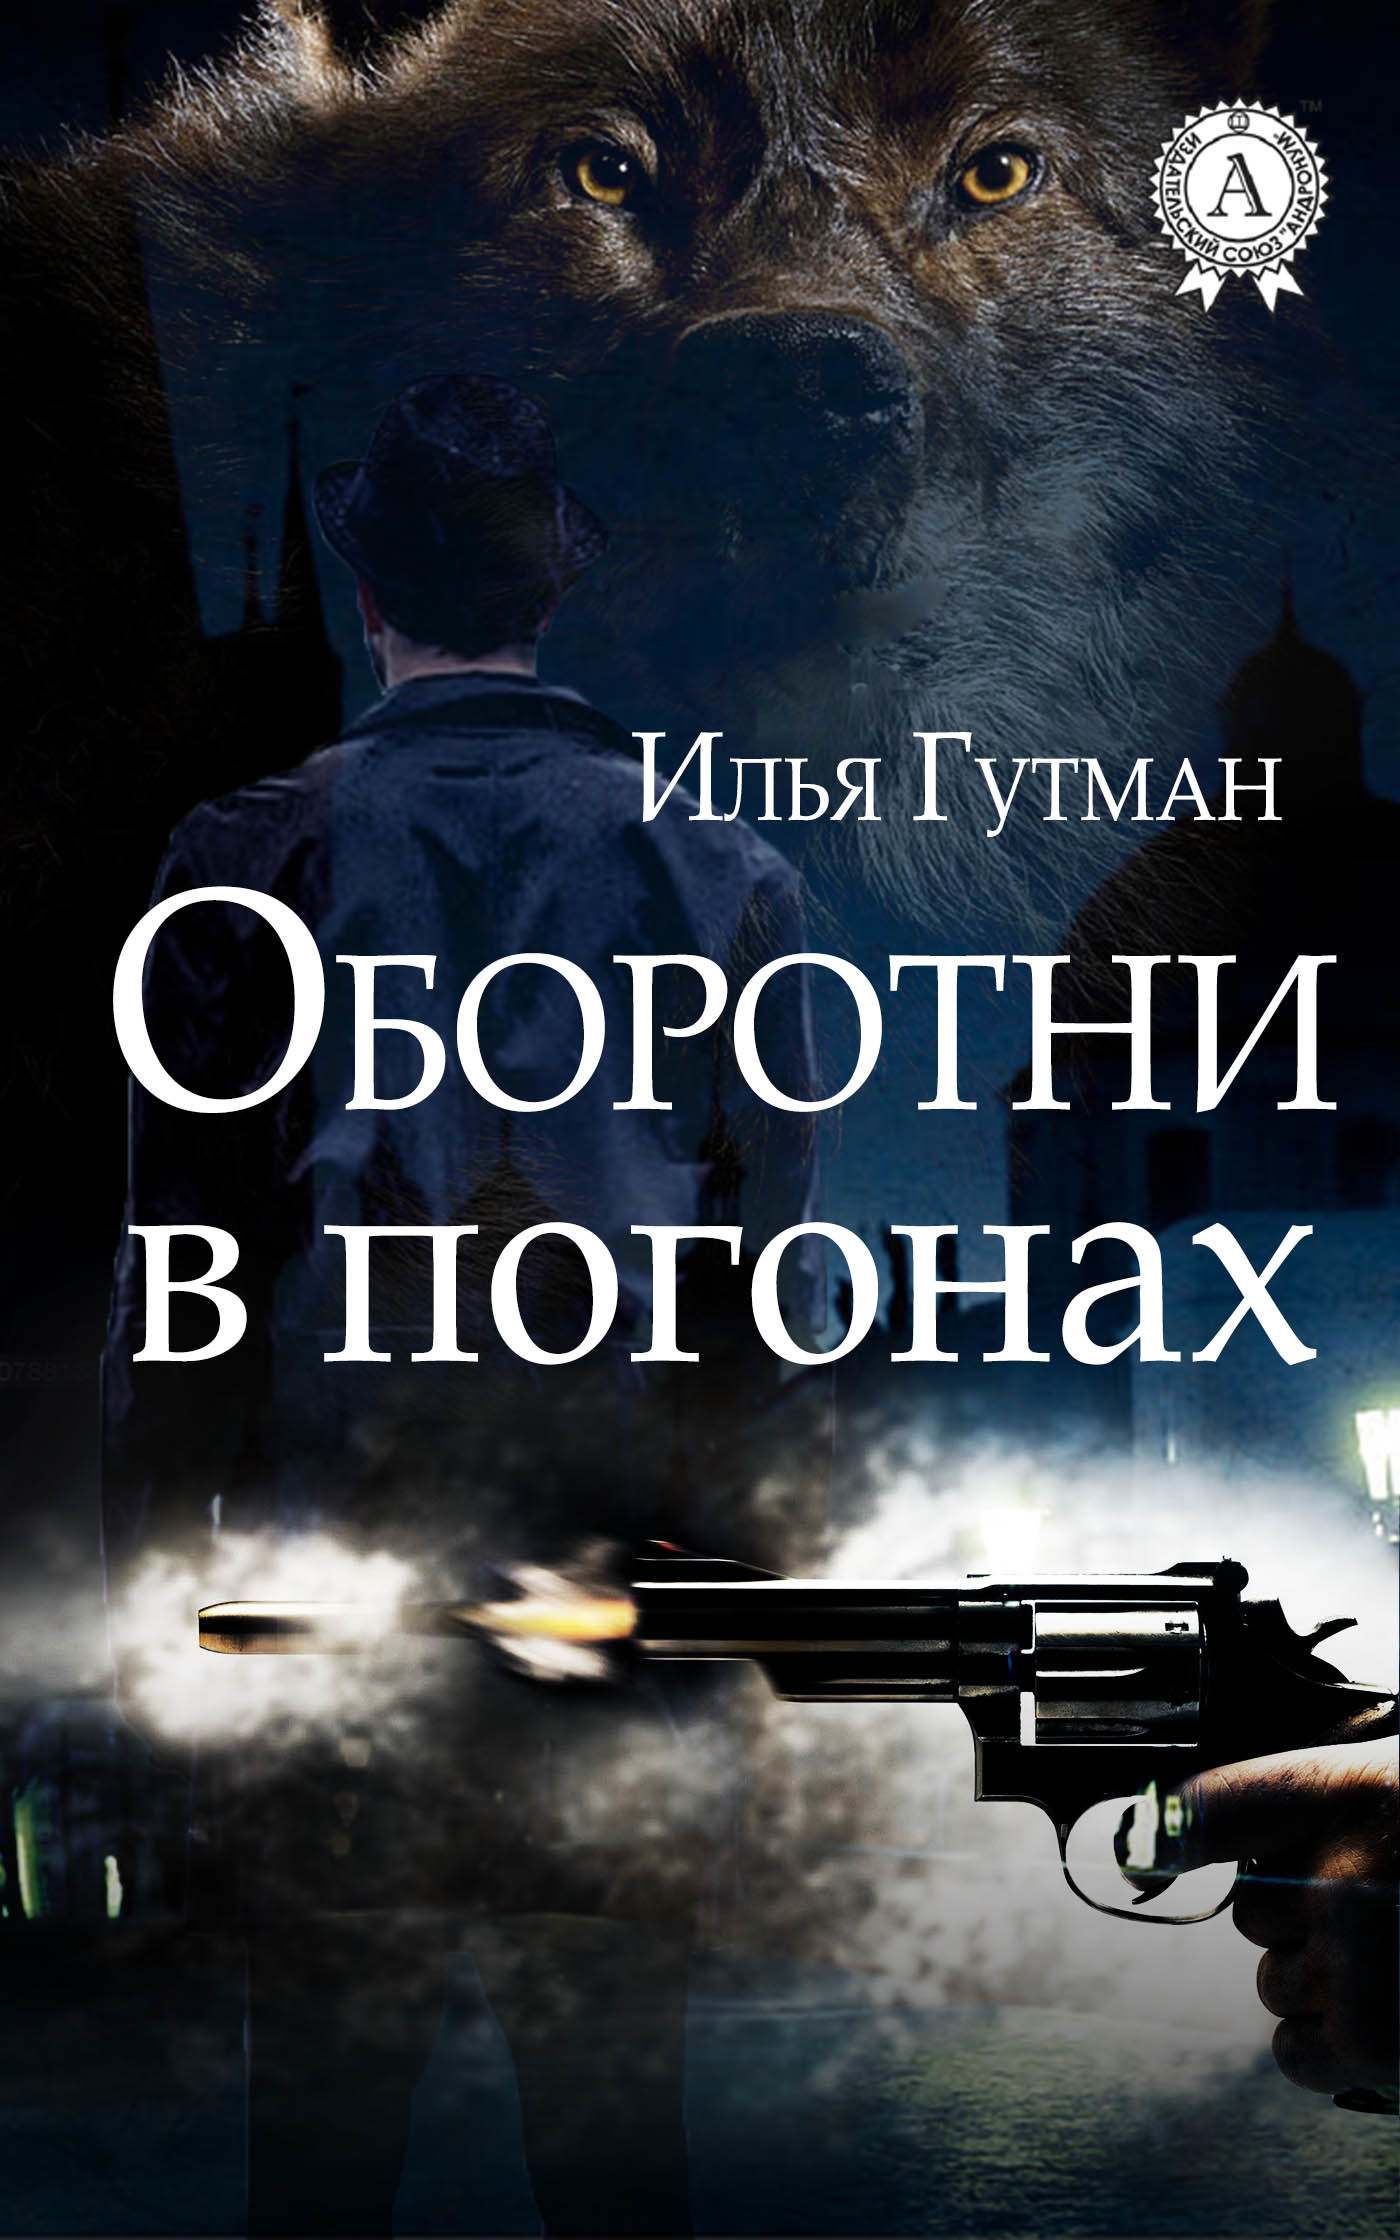 Илья Гутман - Оборотни в погонах